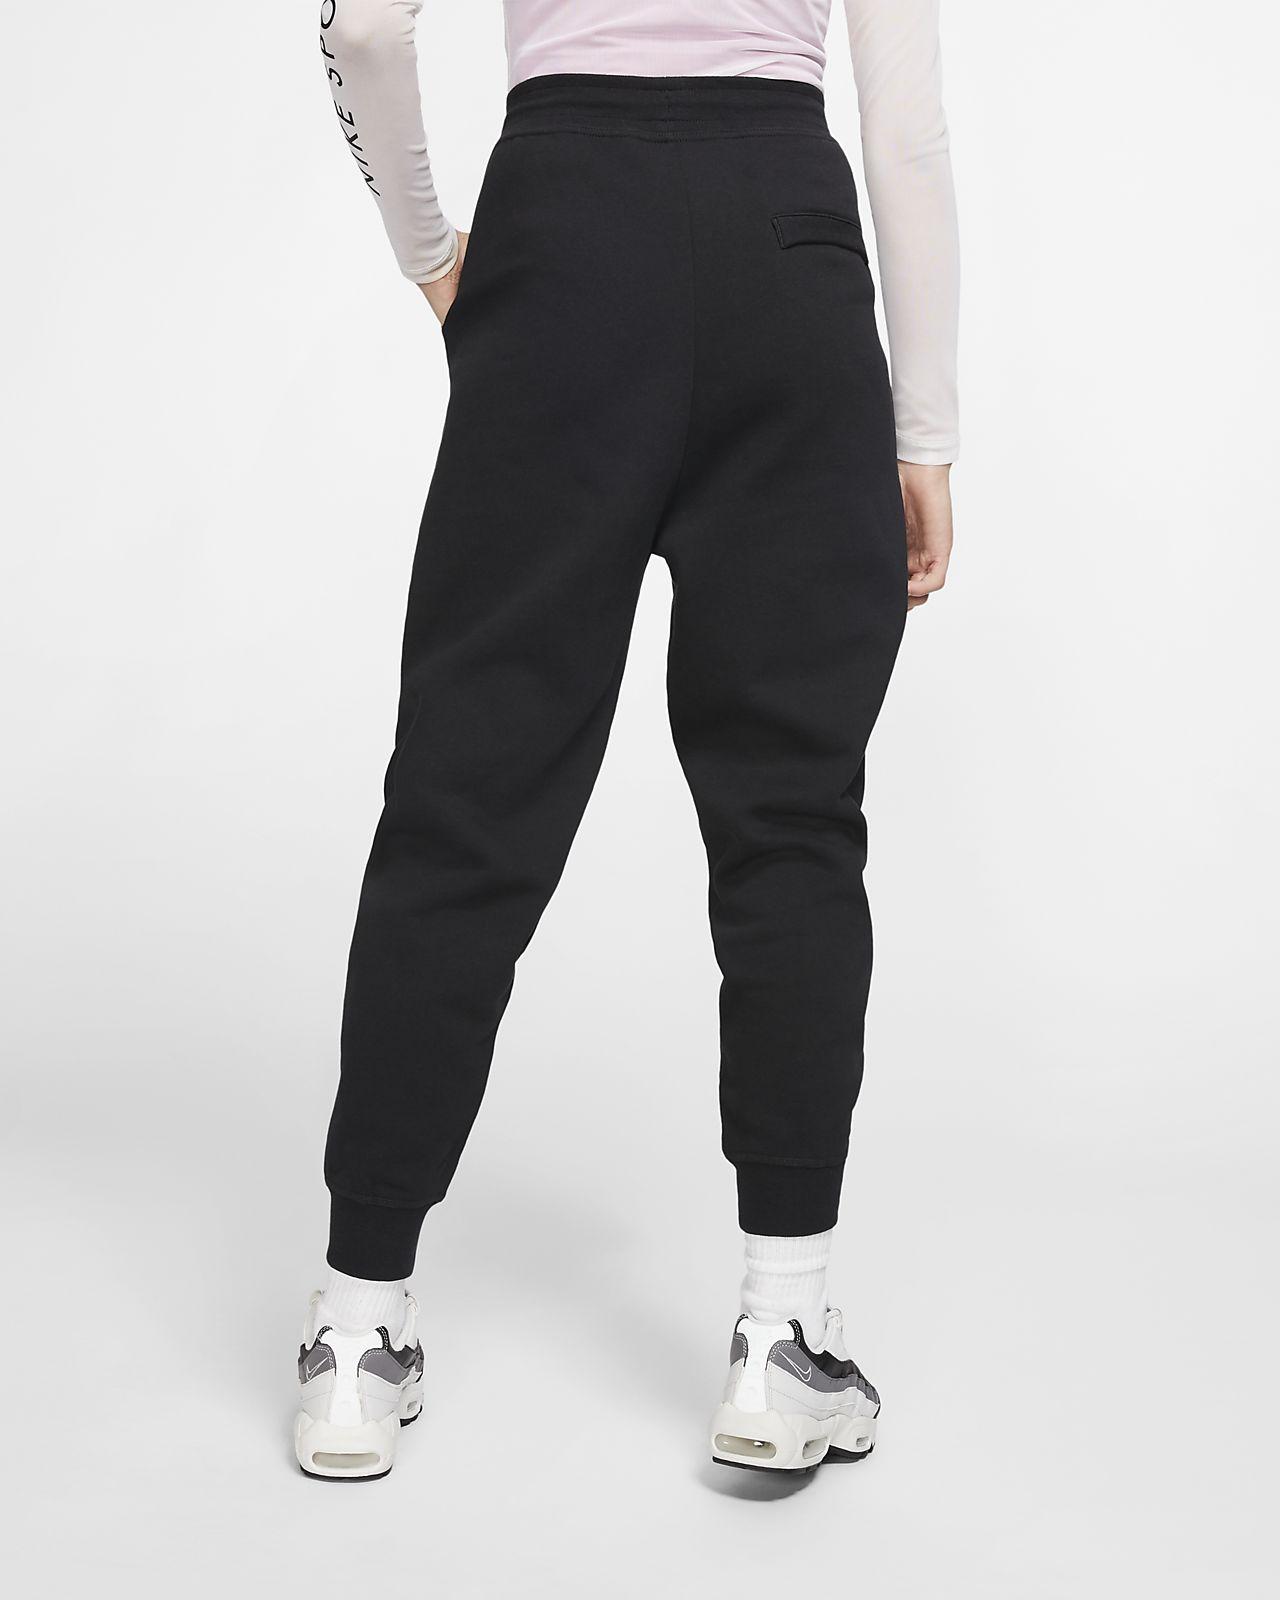 Pantaloni in fleece Nike Sportswear Swoosh Donna